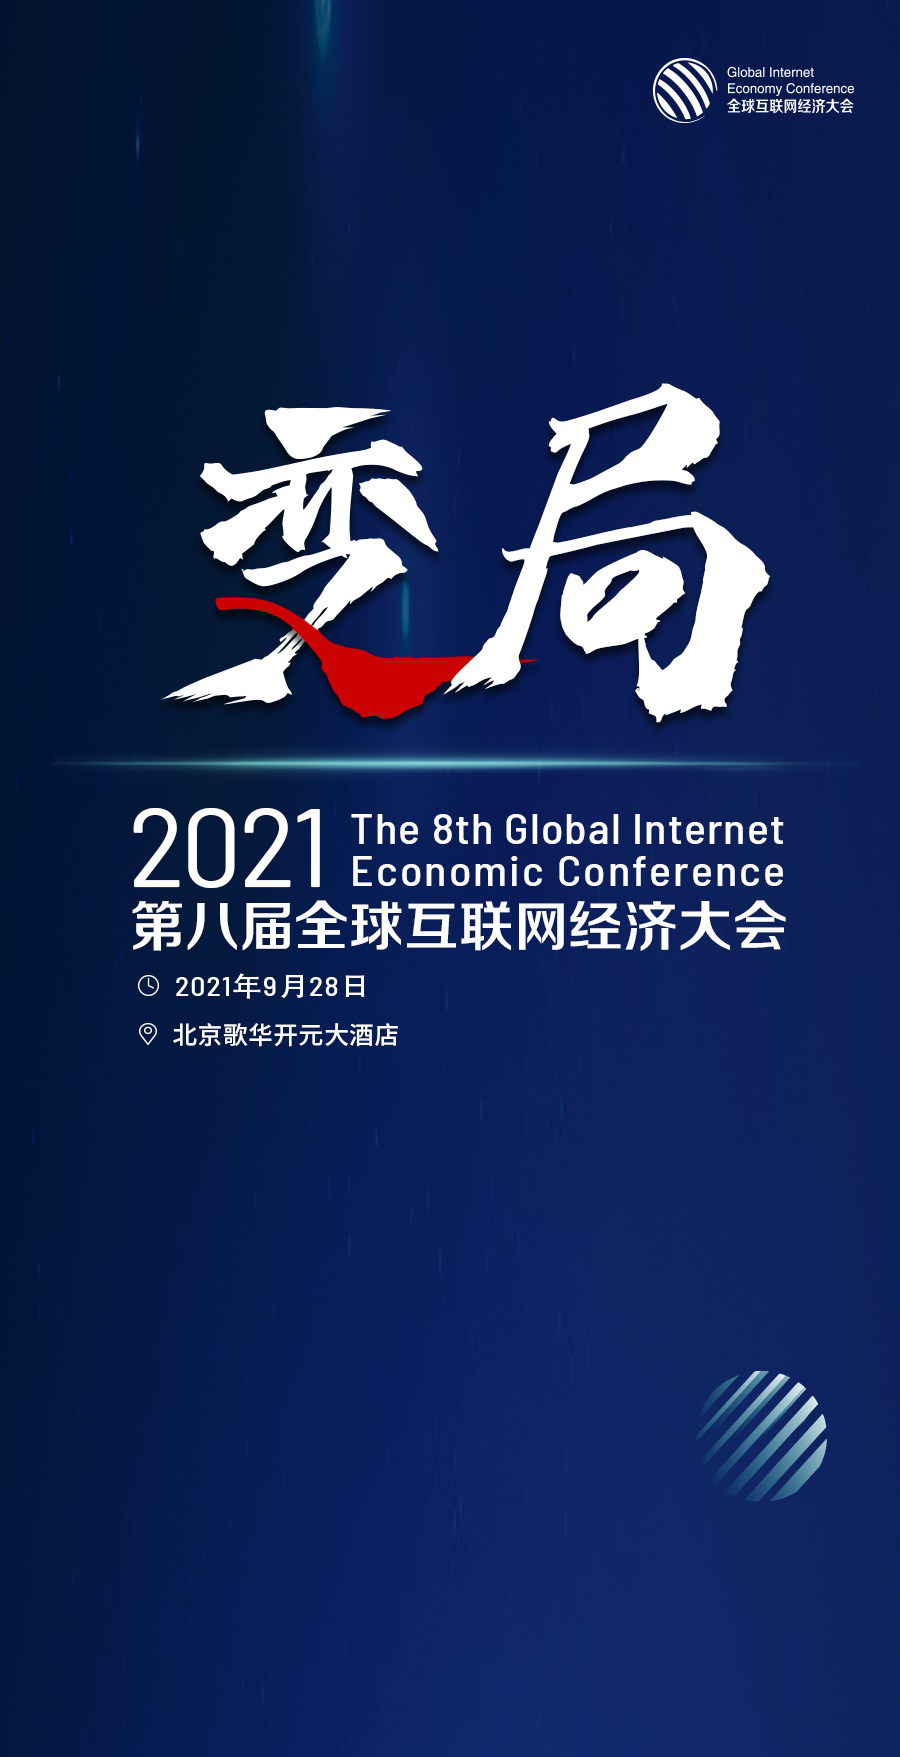 2021第八届全球互联网经济大会-封面.jpg